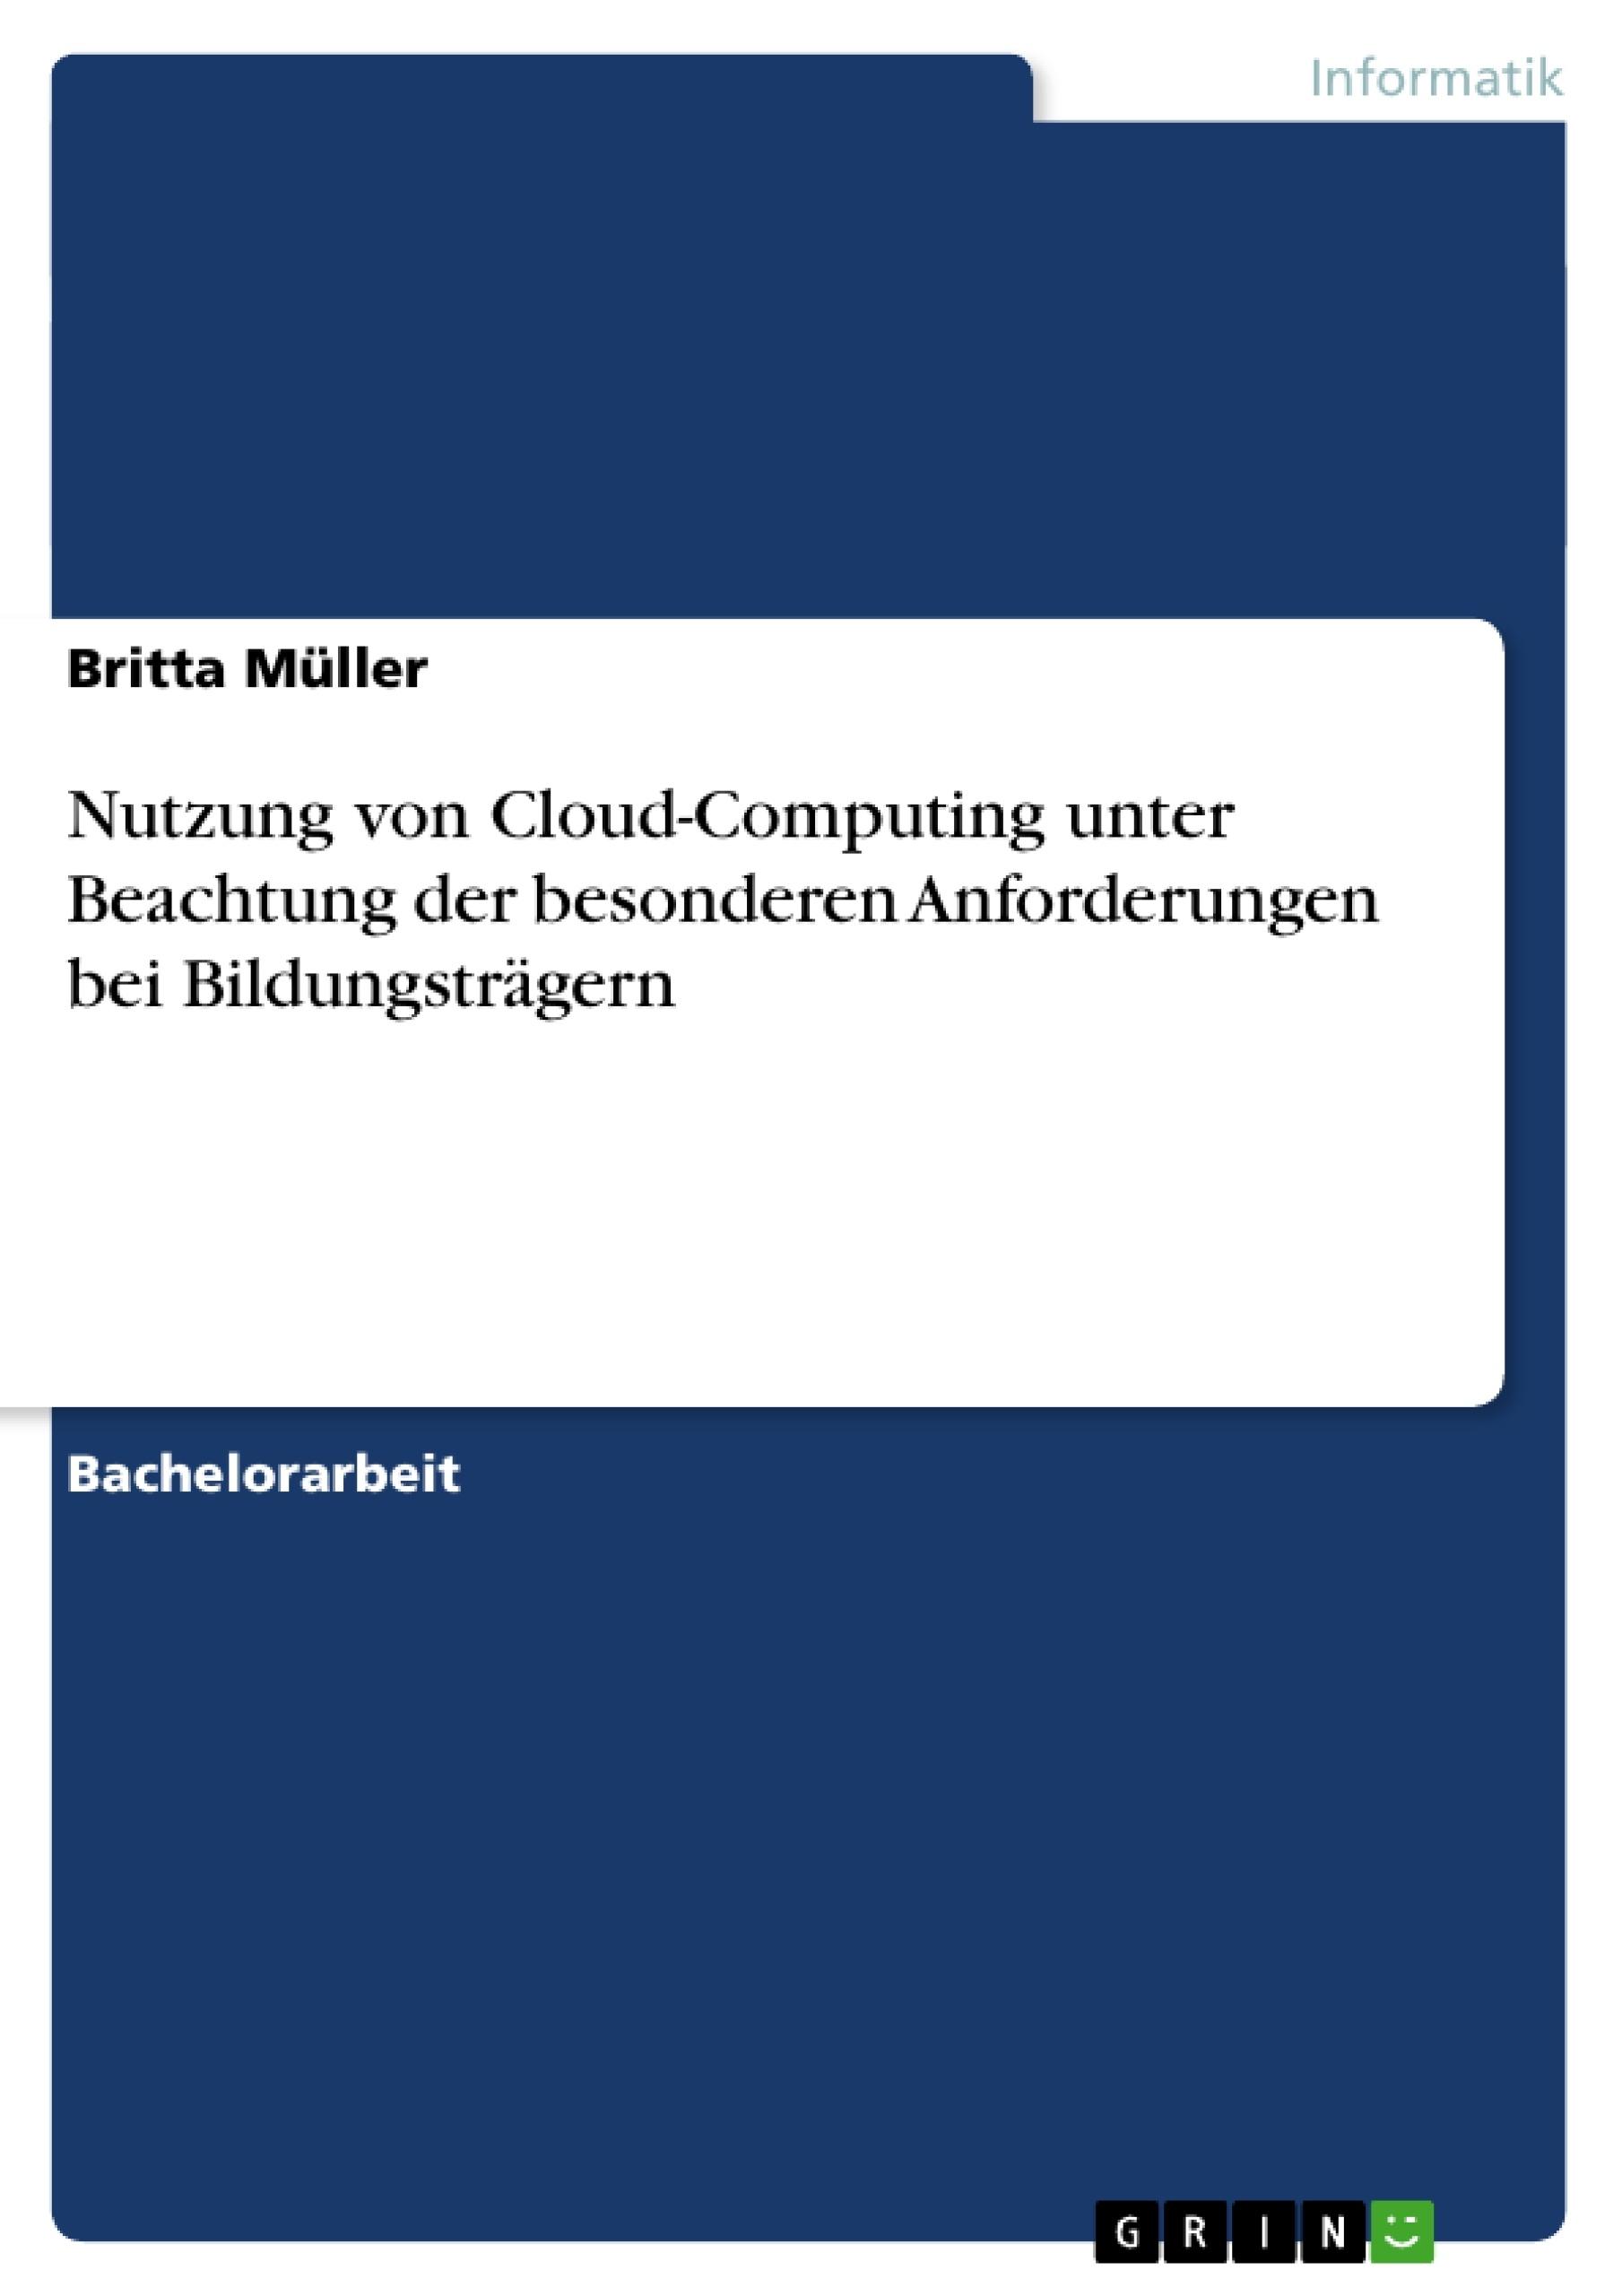 Titel: Nutzung von Cloud-Computing unter Beachtung der besonderen Anforderungen bei Bildungsträgern